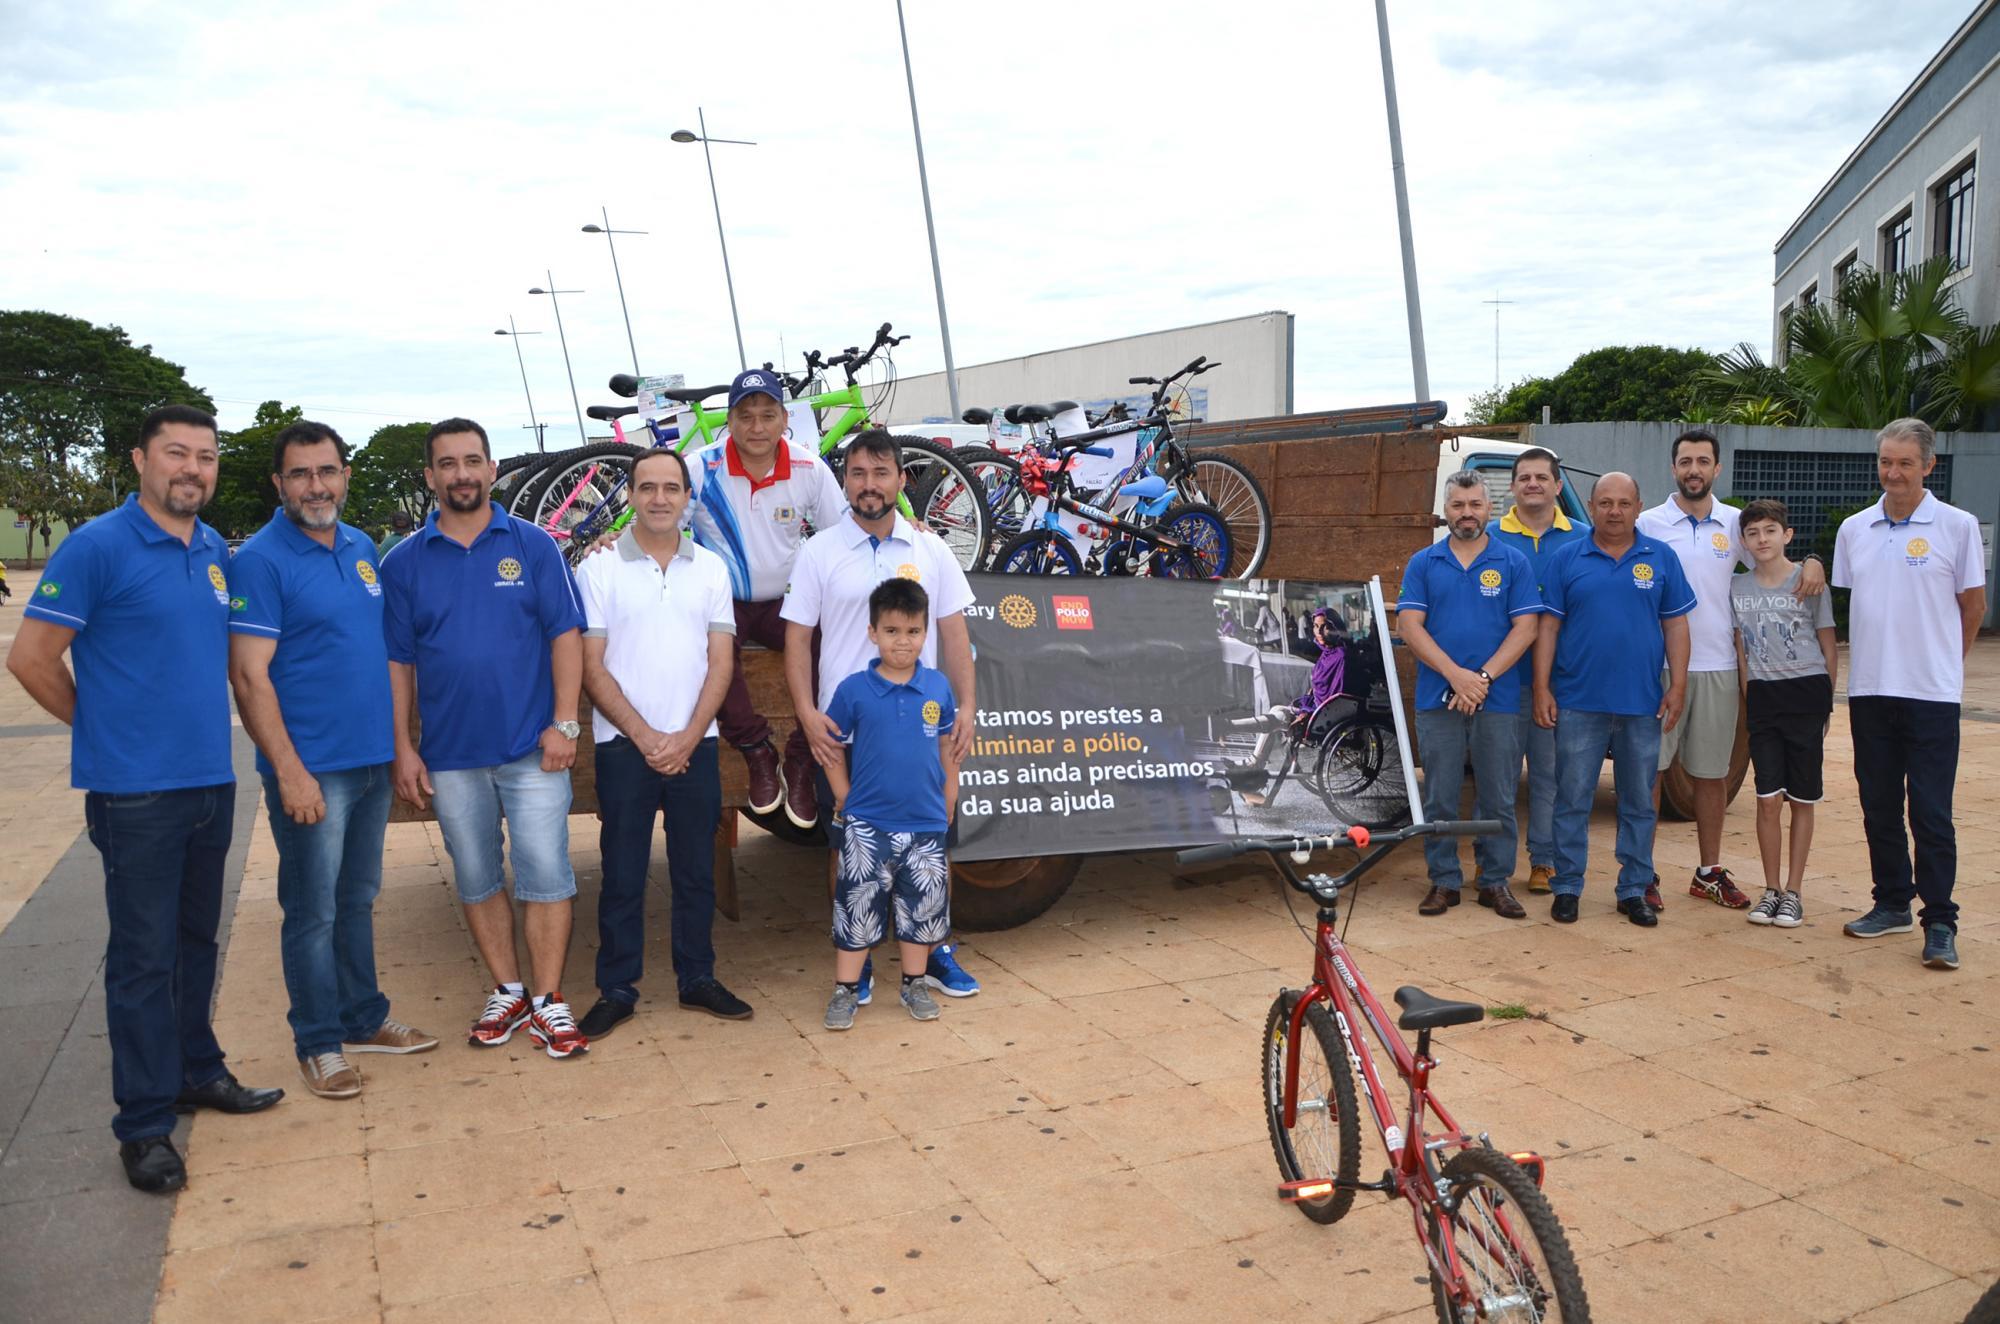 Ciclistas comemoram o aniversário de Ubiratã com passei oe muitos prêmios